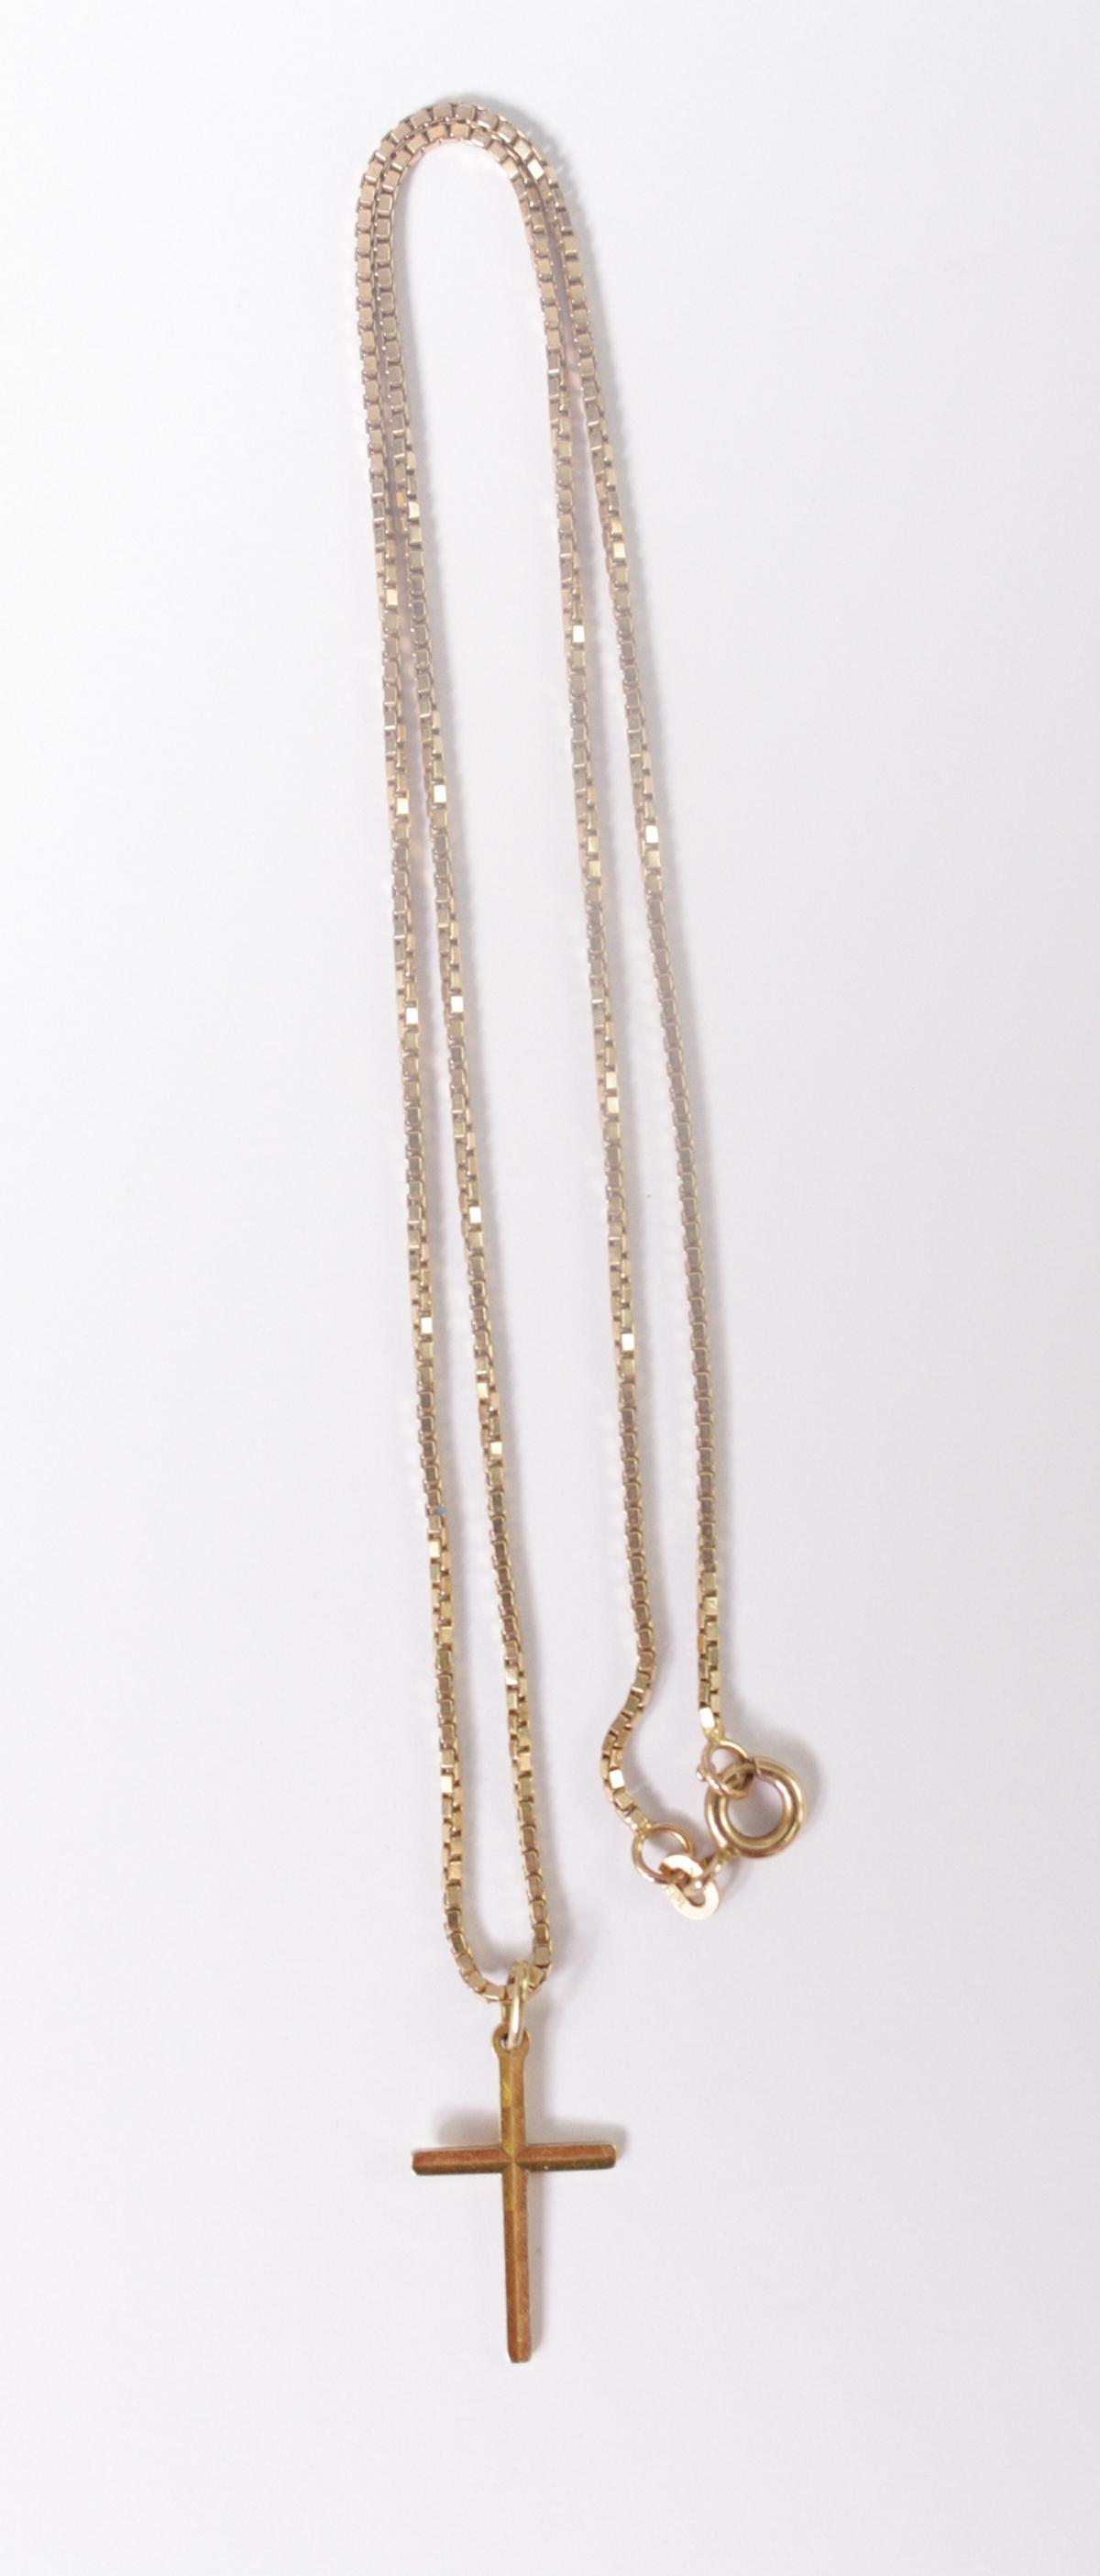 Halskette mit Kreuzanhänger 14 Karat Gelbgold-2